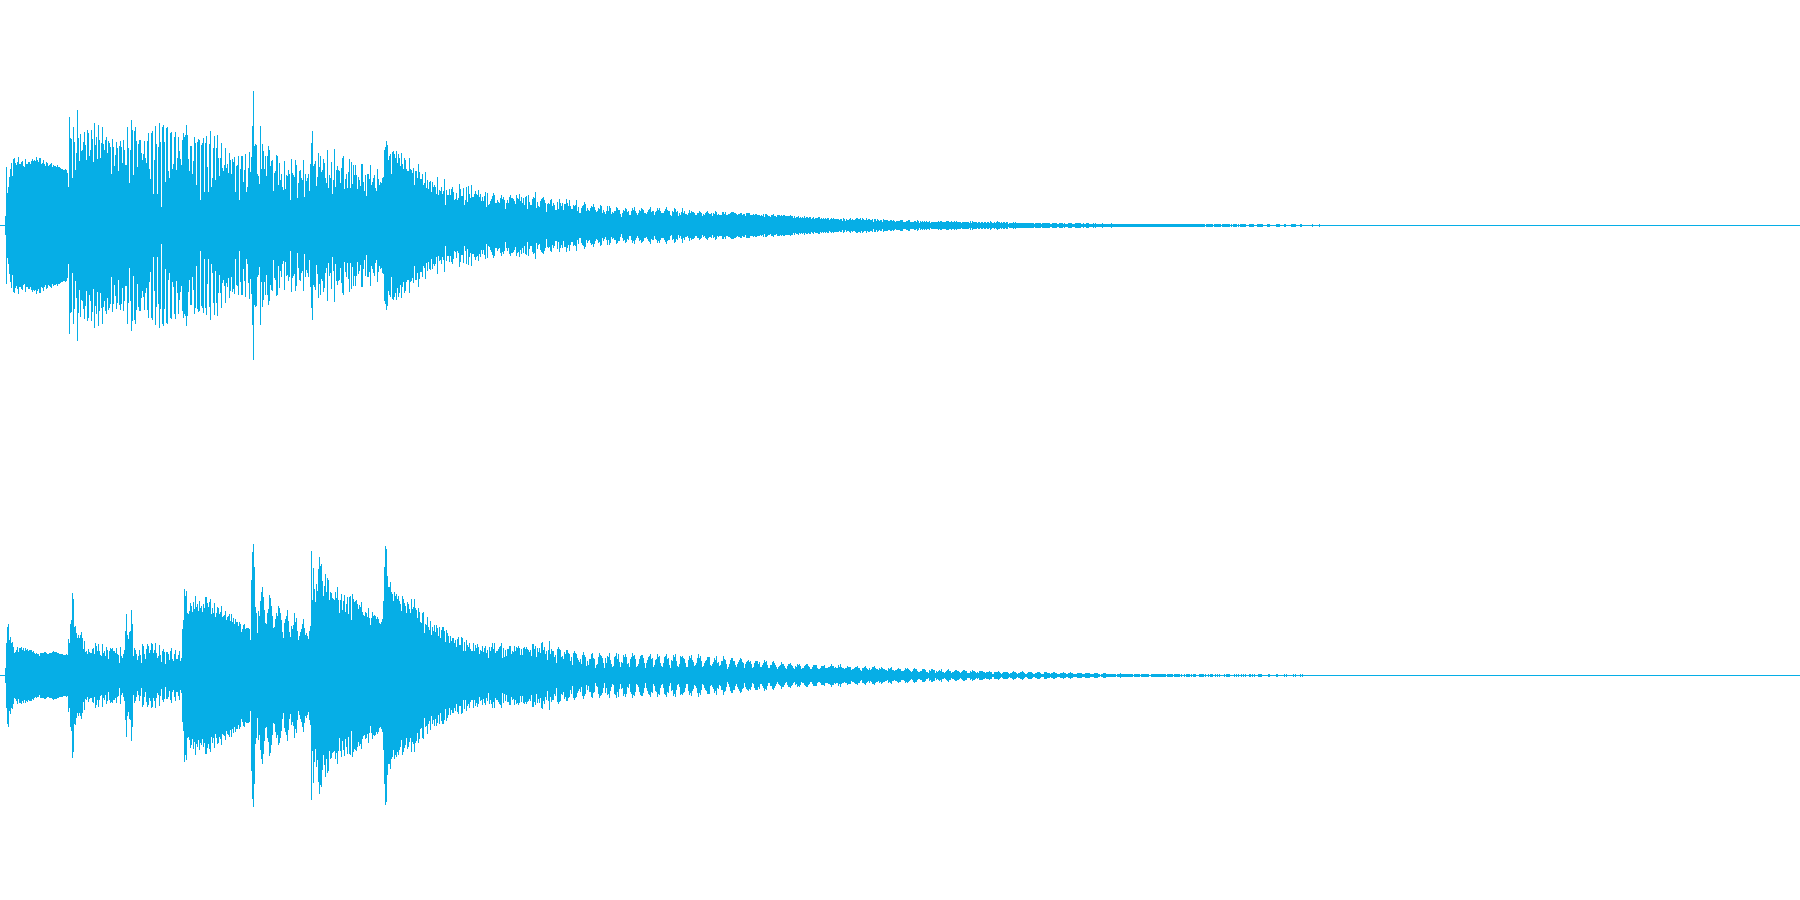 生演奏ピアノによる通知音 スタートアップの再生済みの波形